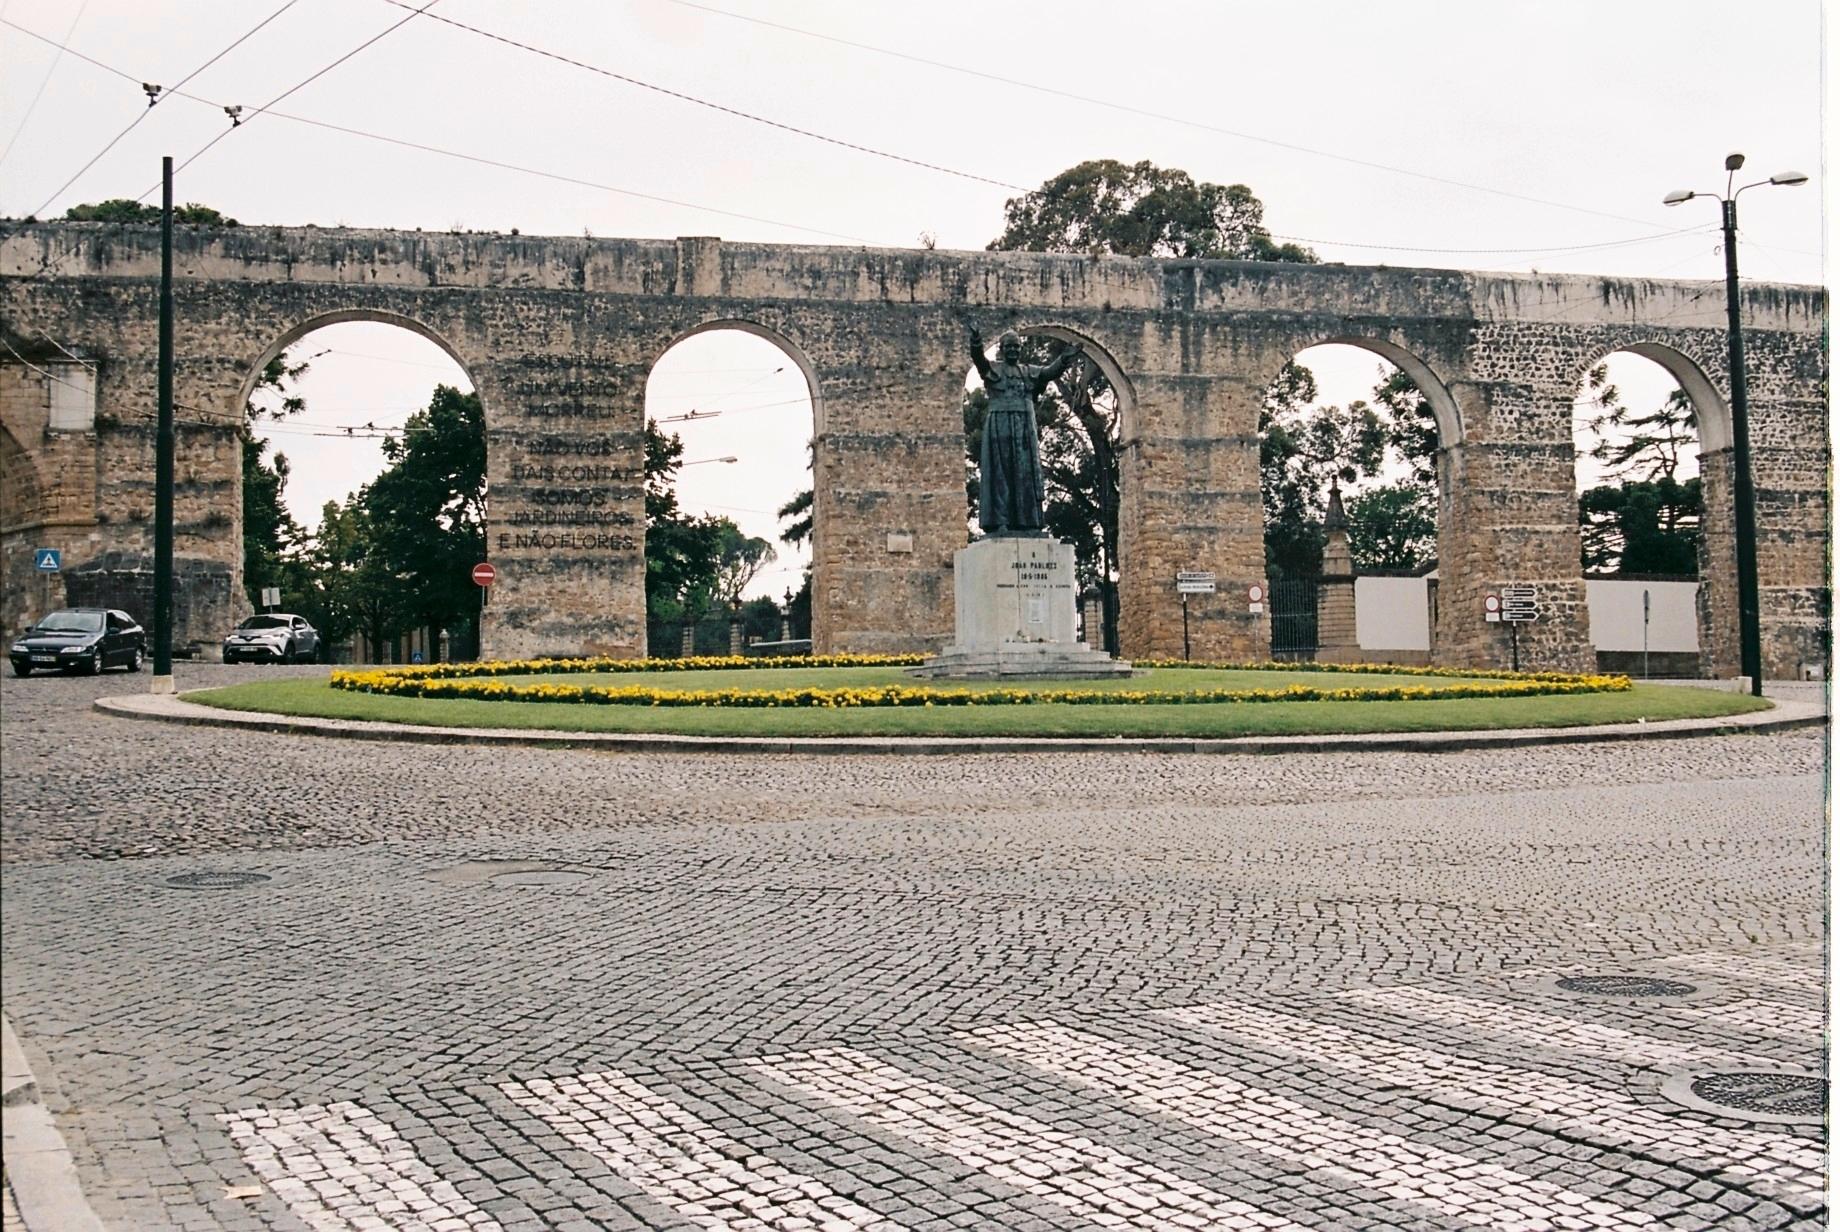 Coimbra 08-2019 - 41 of 62